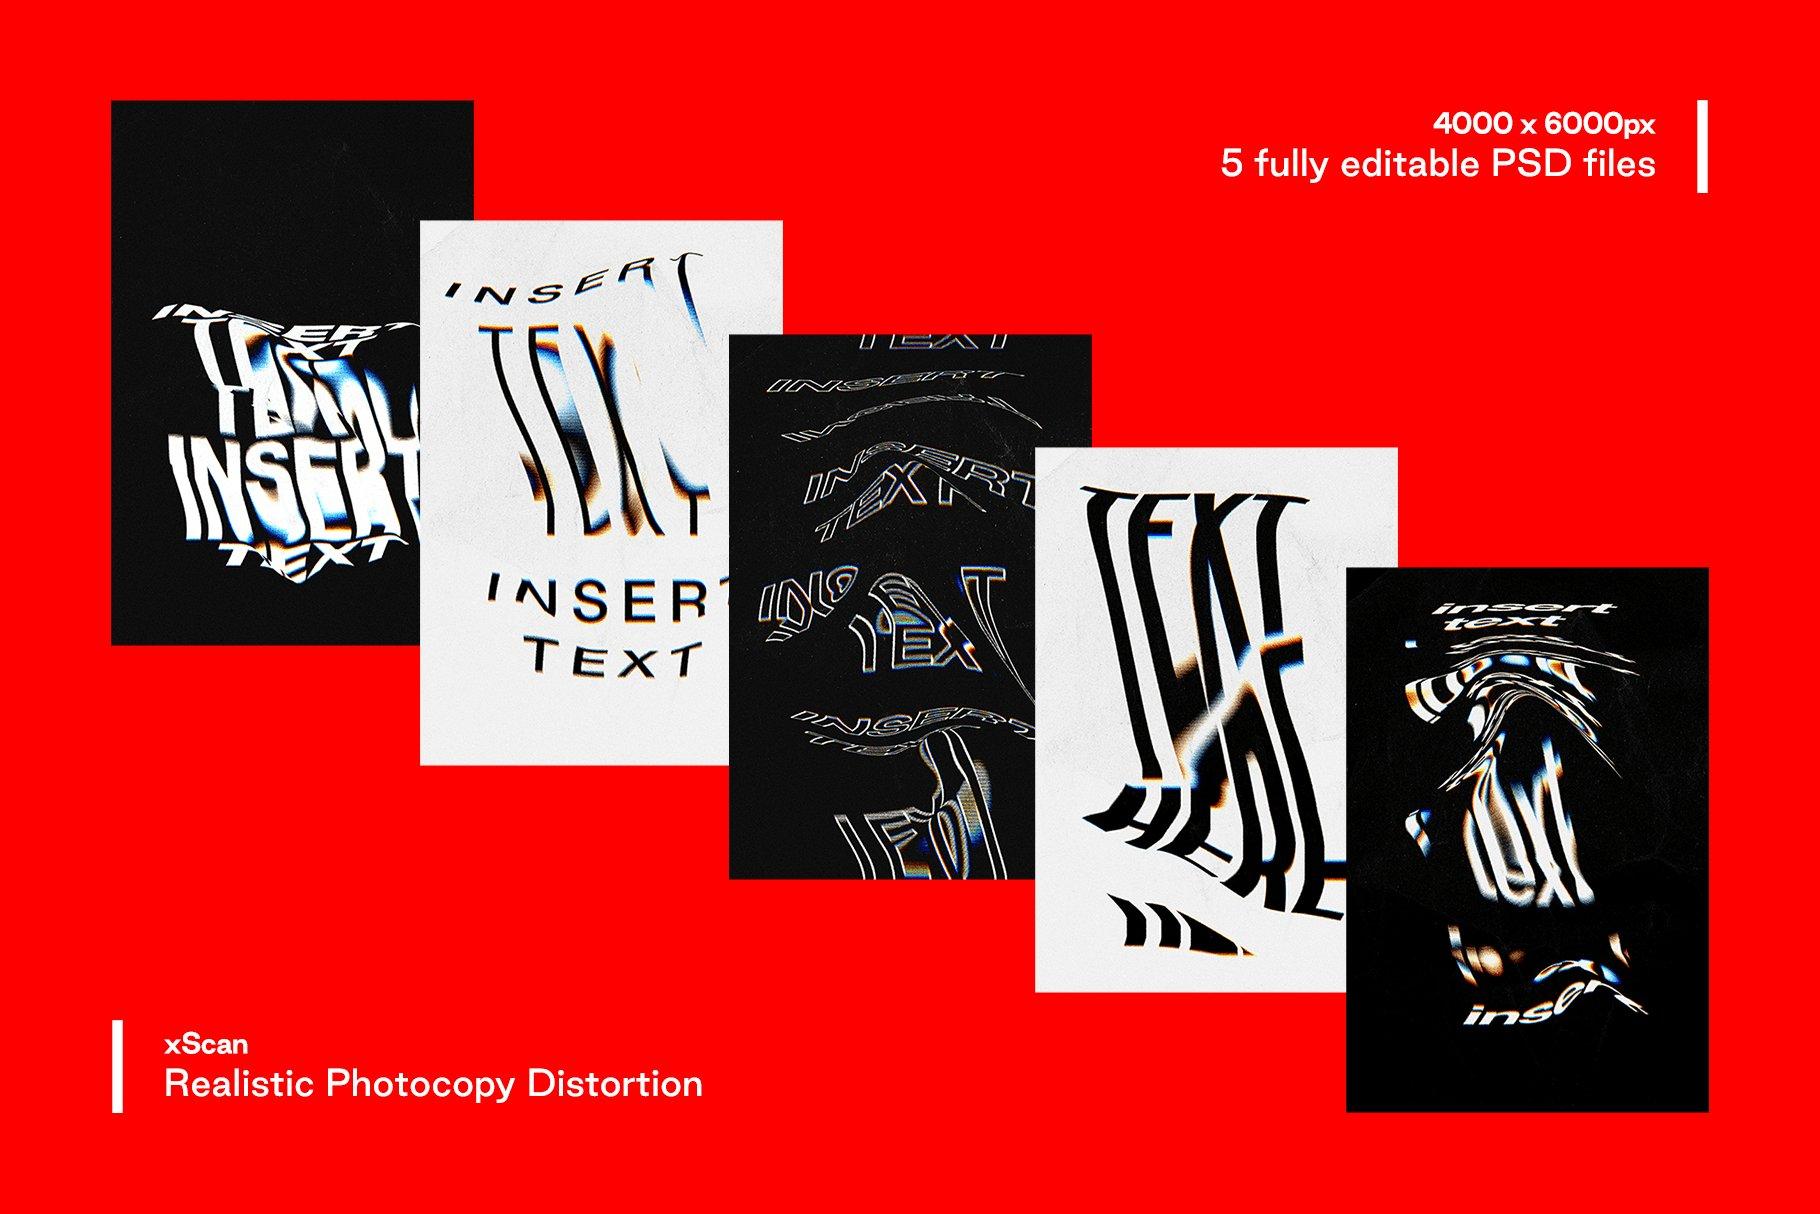 [淘宝购买]潮流扫描仪拖曳影印变形故障效果海报标题设计PS文字样式模板 xScan – Photocopy Distortion Effect插图6